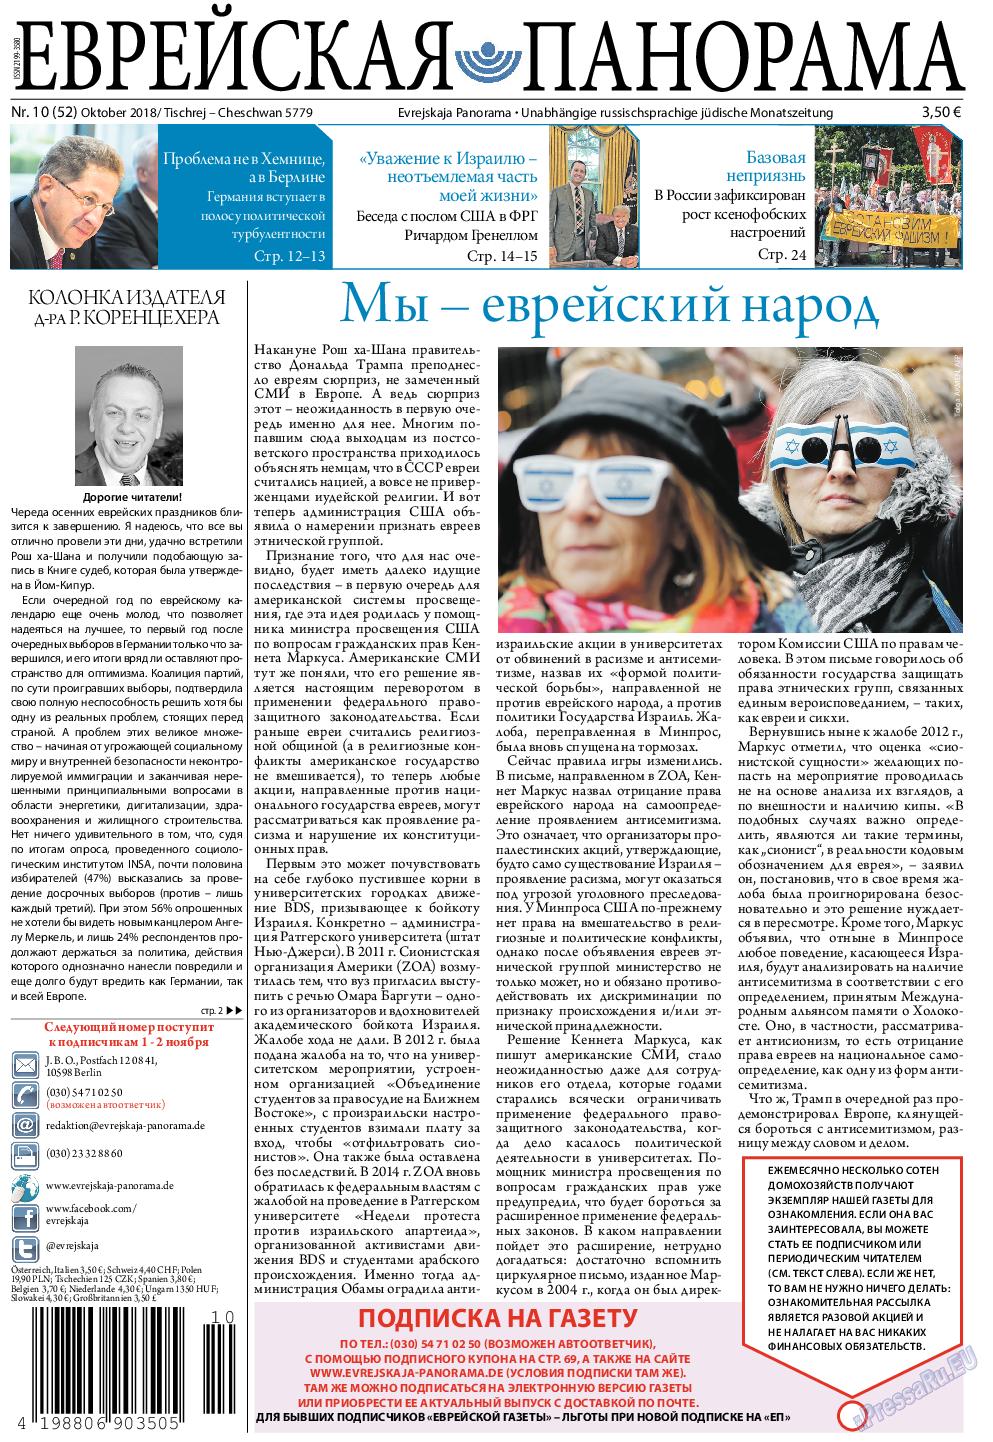 Еврейская панорама (газета). 2018 год, номер 10, стр. 1